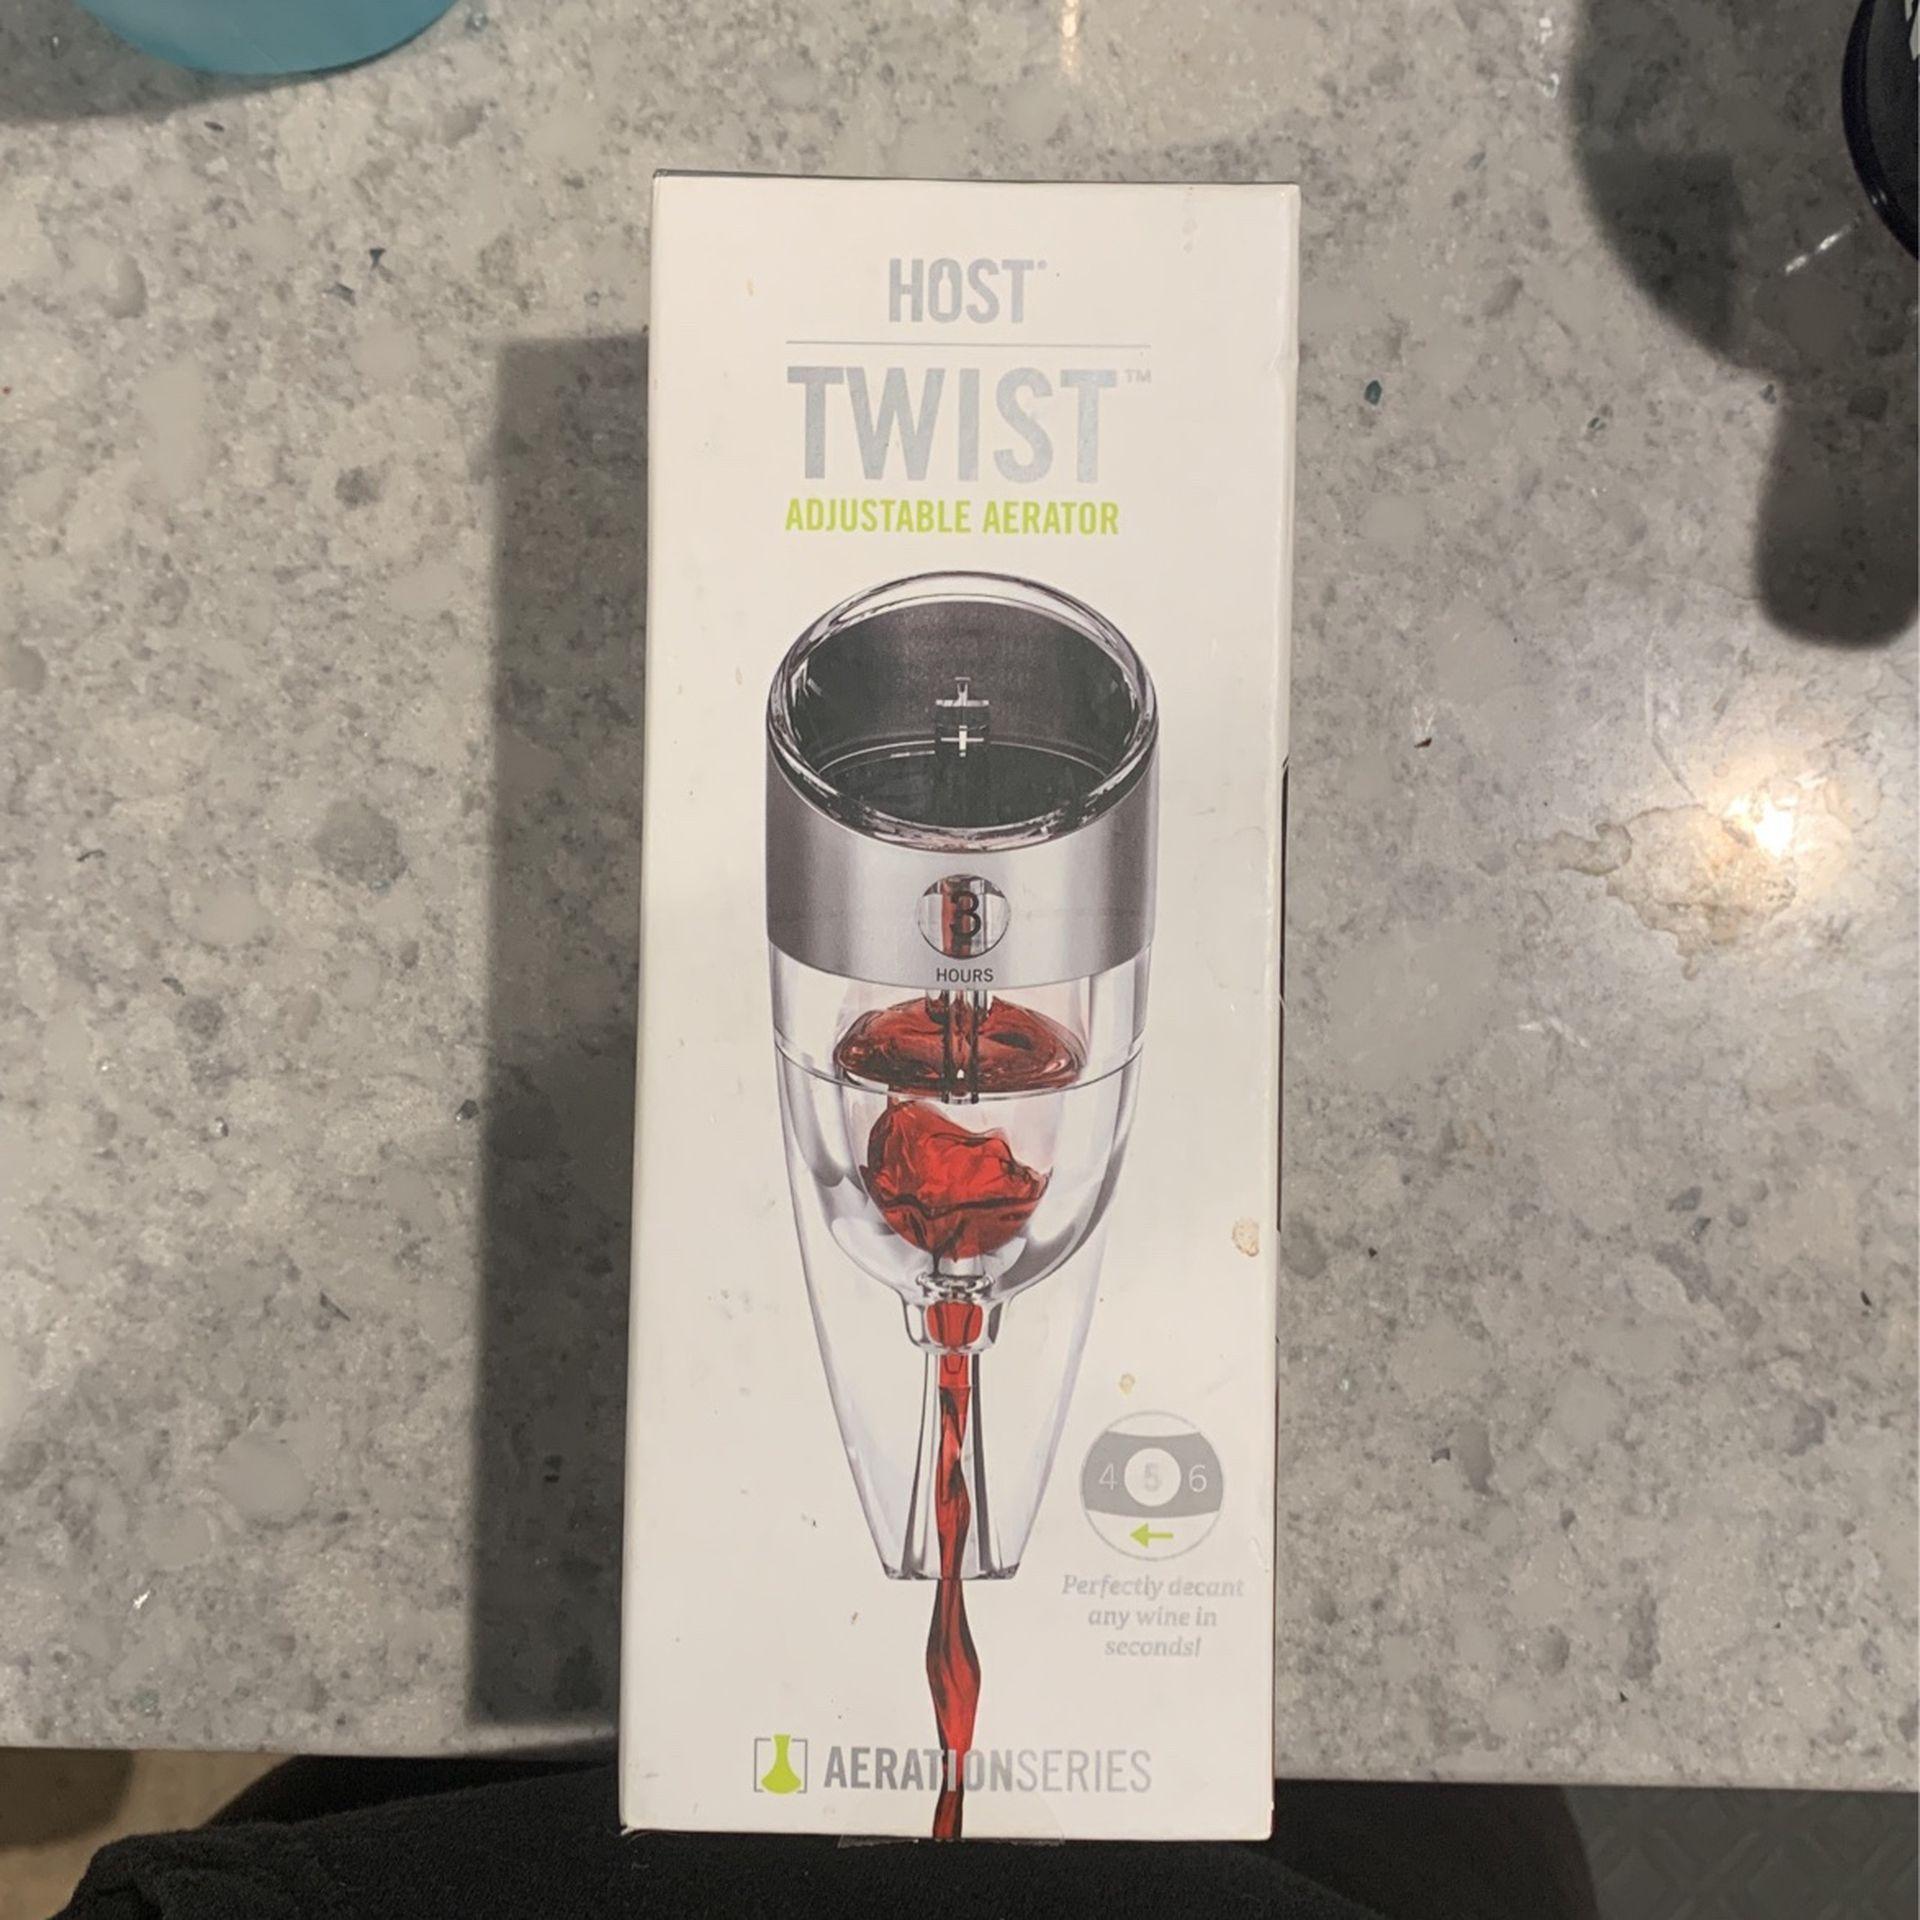 Host Twist Adjustable Aerator